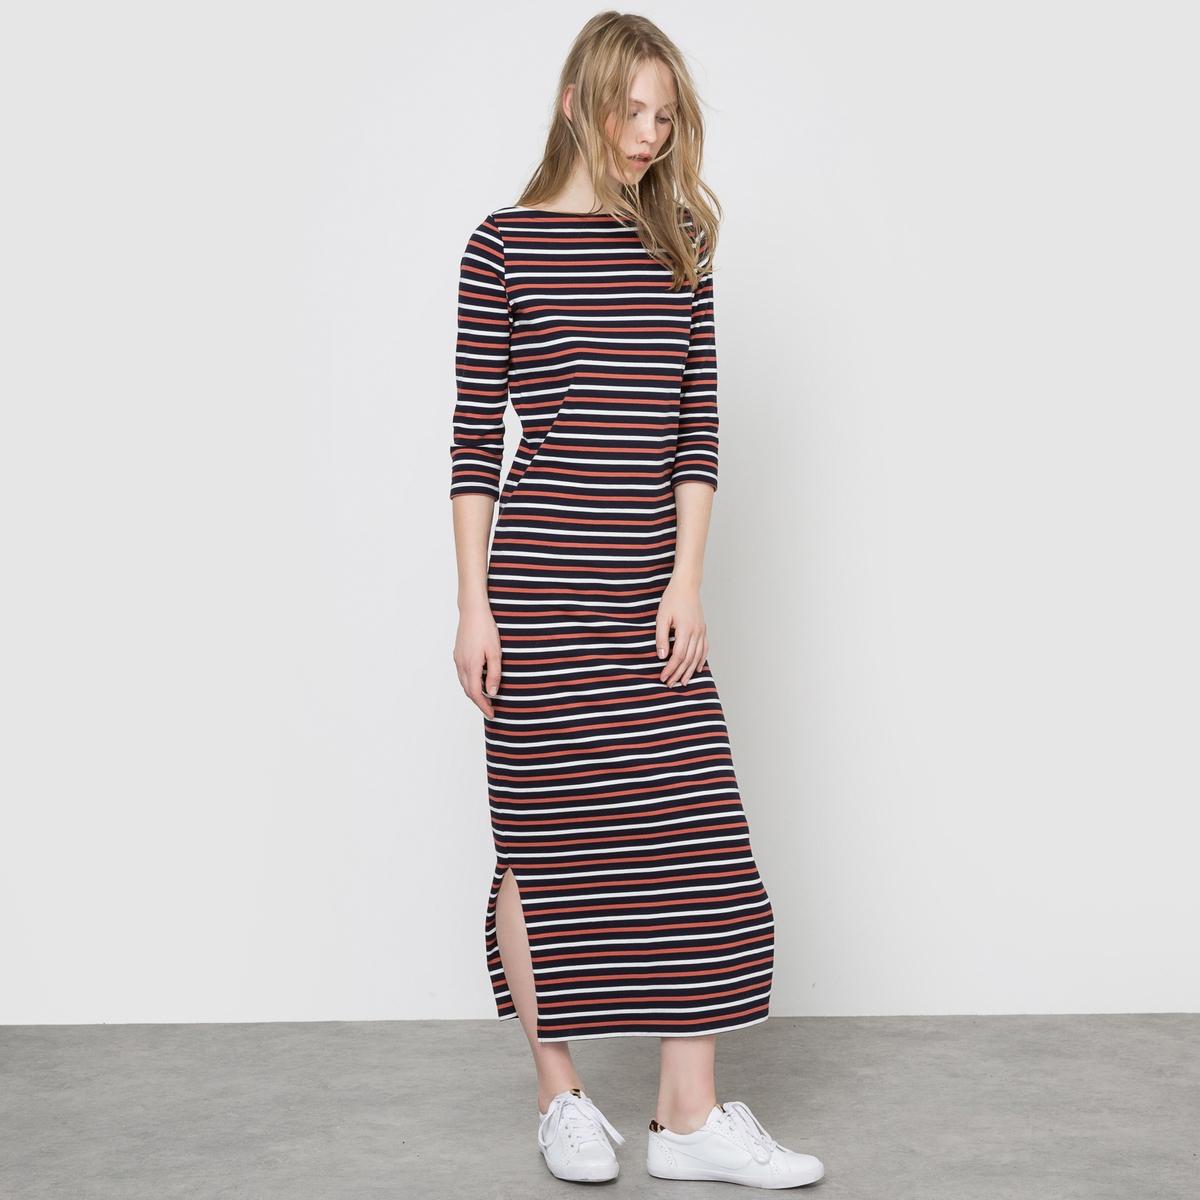 Платье длинное в полоску платье длинное с одессы с доставкой в крым